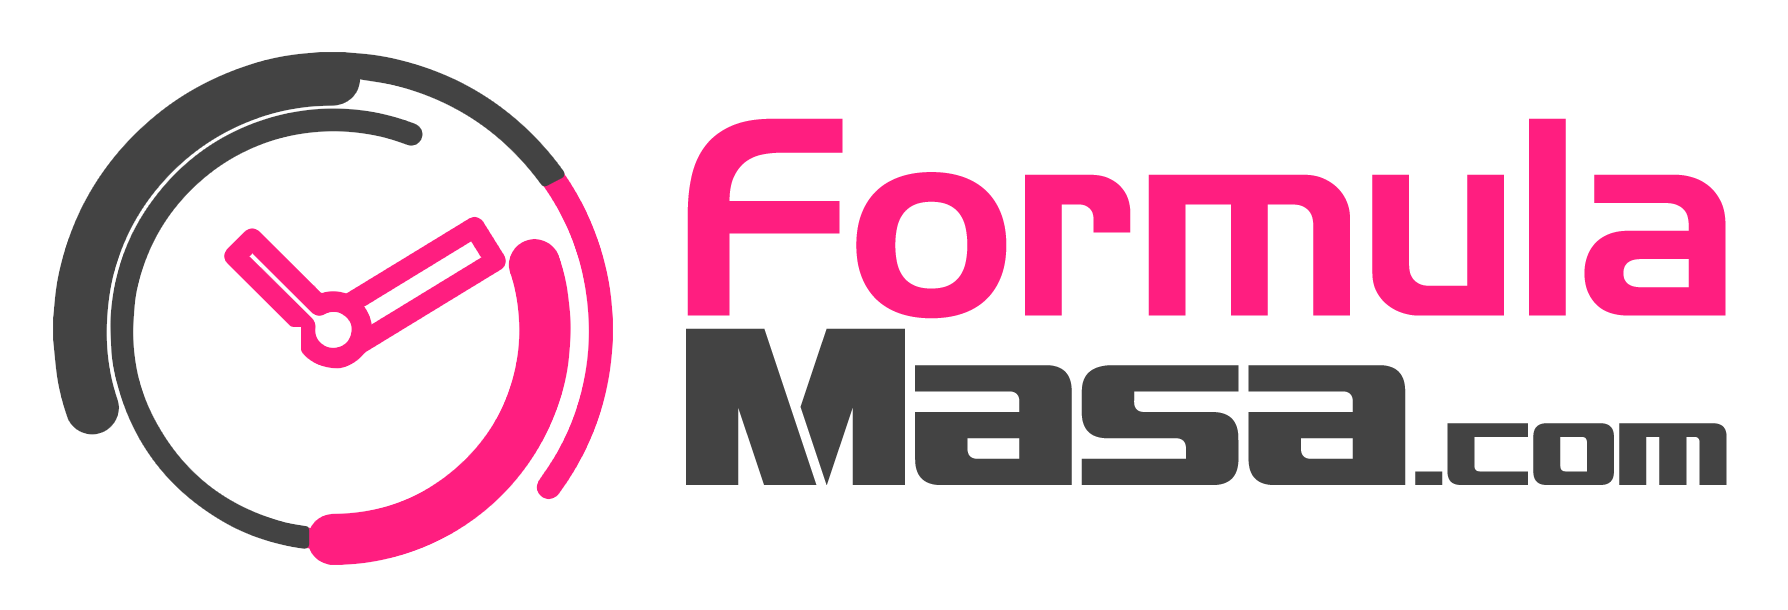 Formulamasa.com